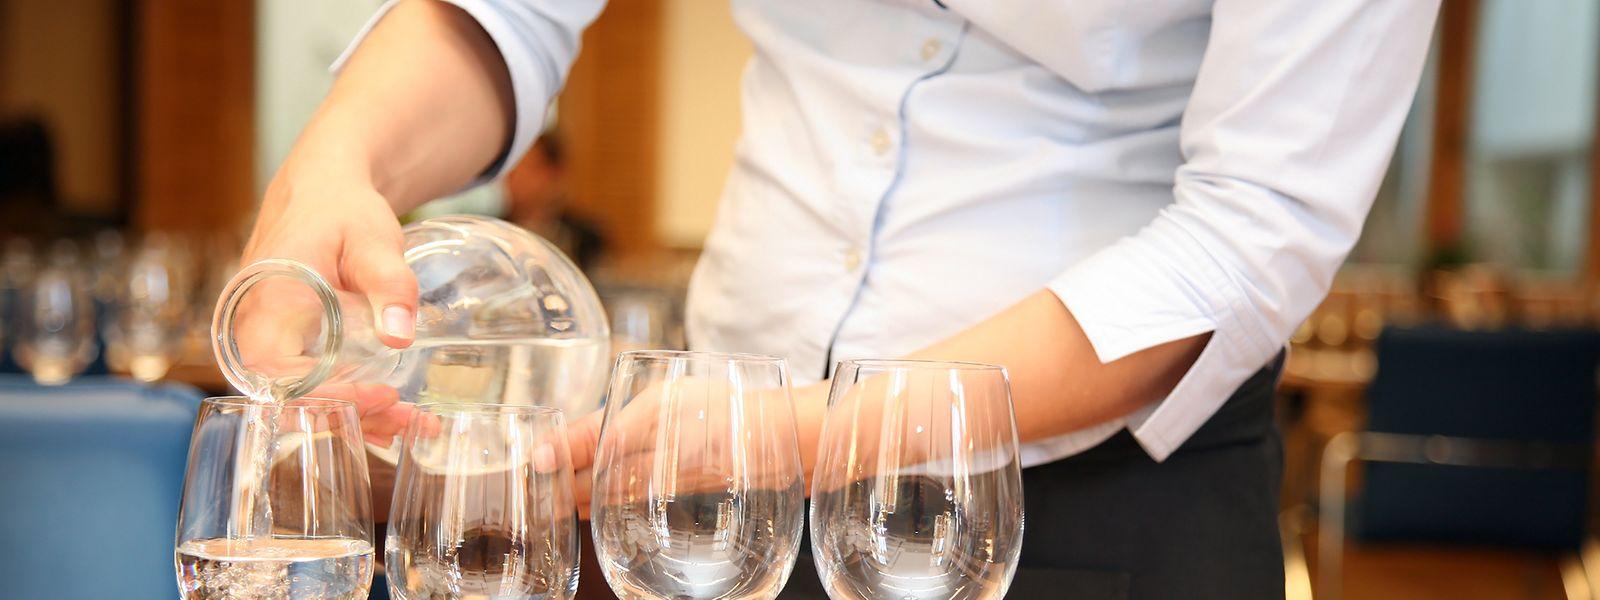 Une législation sur l'obligation de servir de l'eau du robinet à la table des cafés et restaurants au Luxembourg n'est pas encore à l'ordre du jour